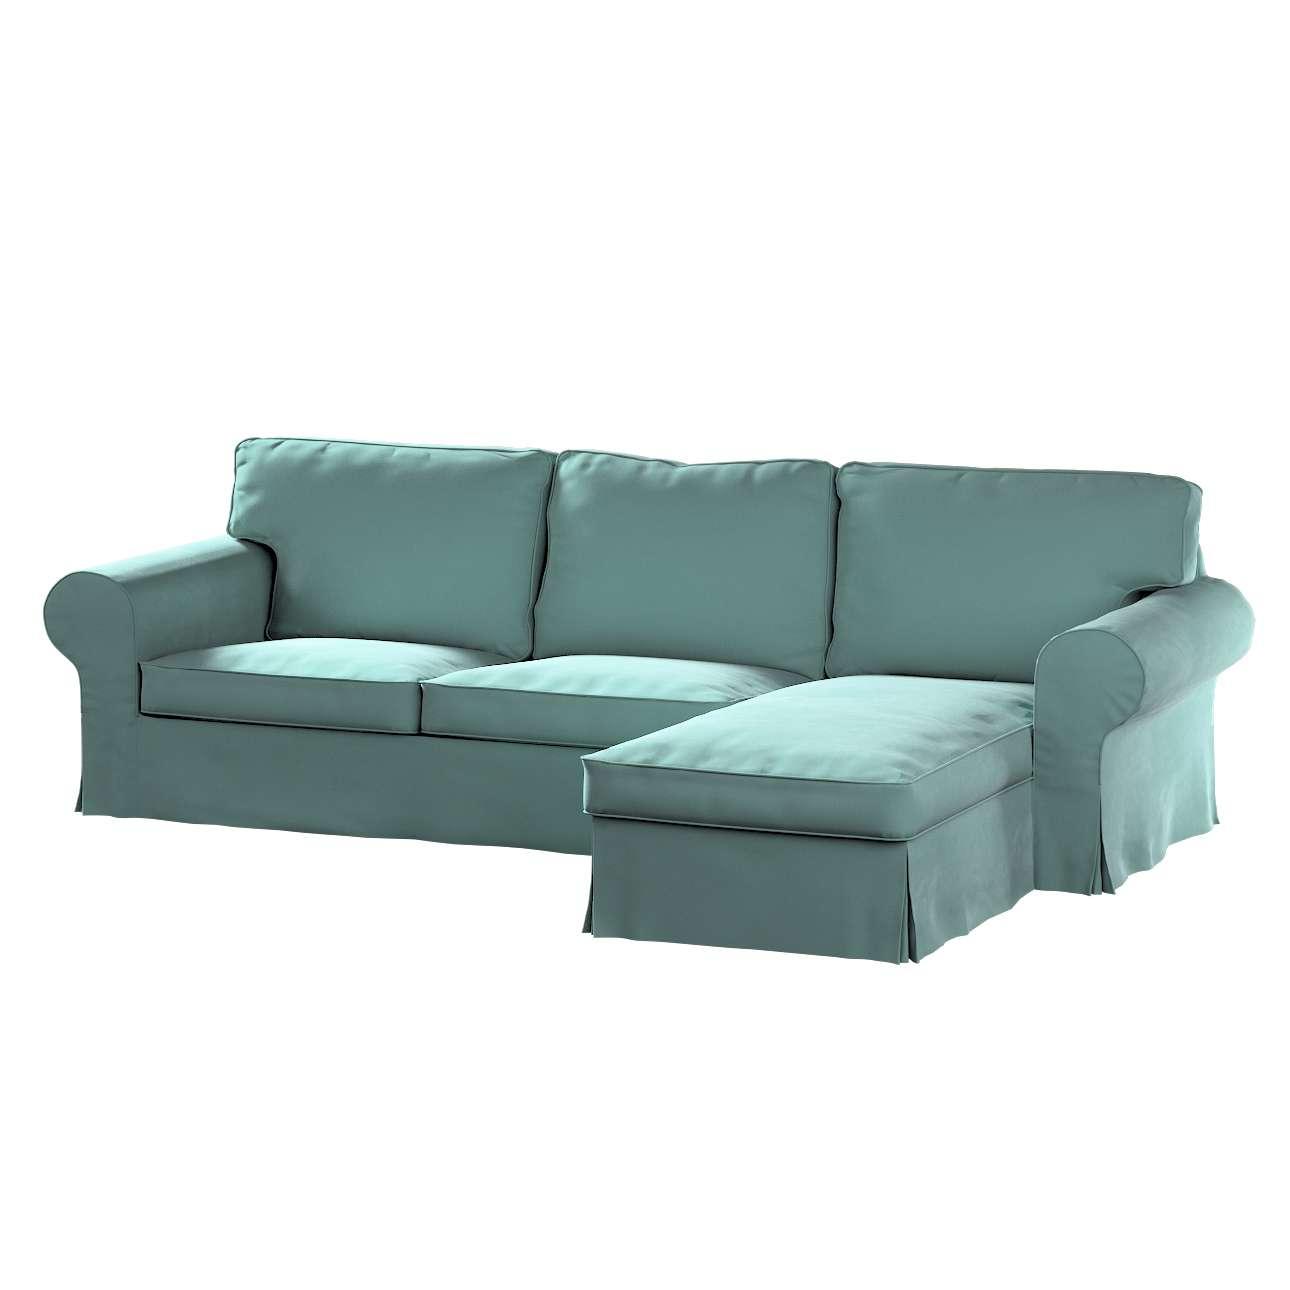 Pokrowiec na sofę Ektorp 2-osobową i leżankę w kolekcji Velvet, tkanina: 704-18